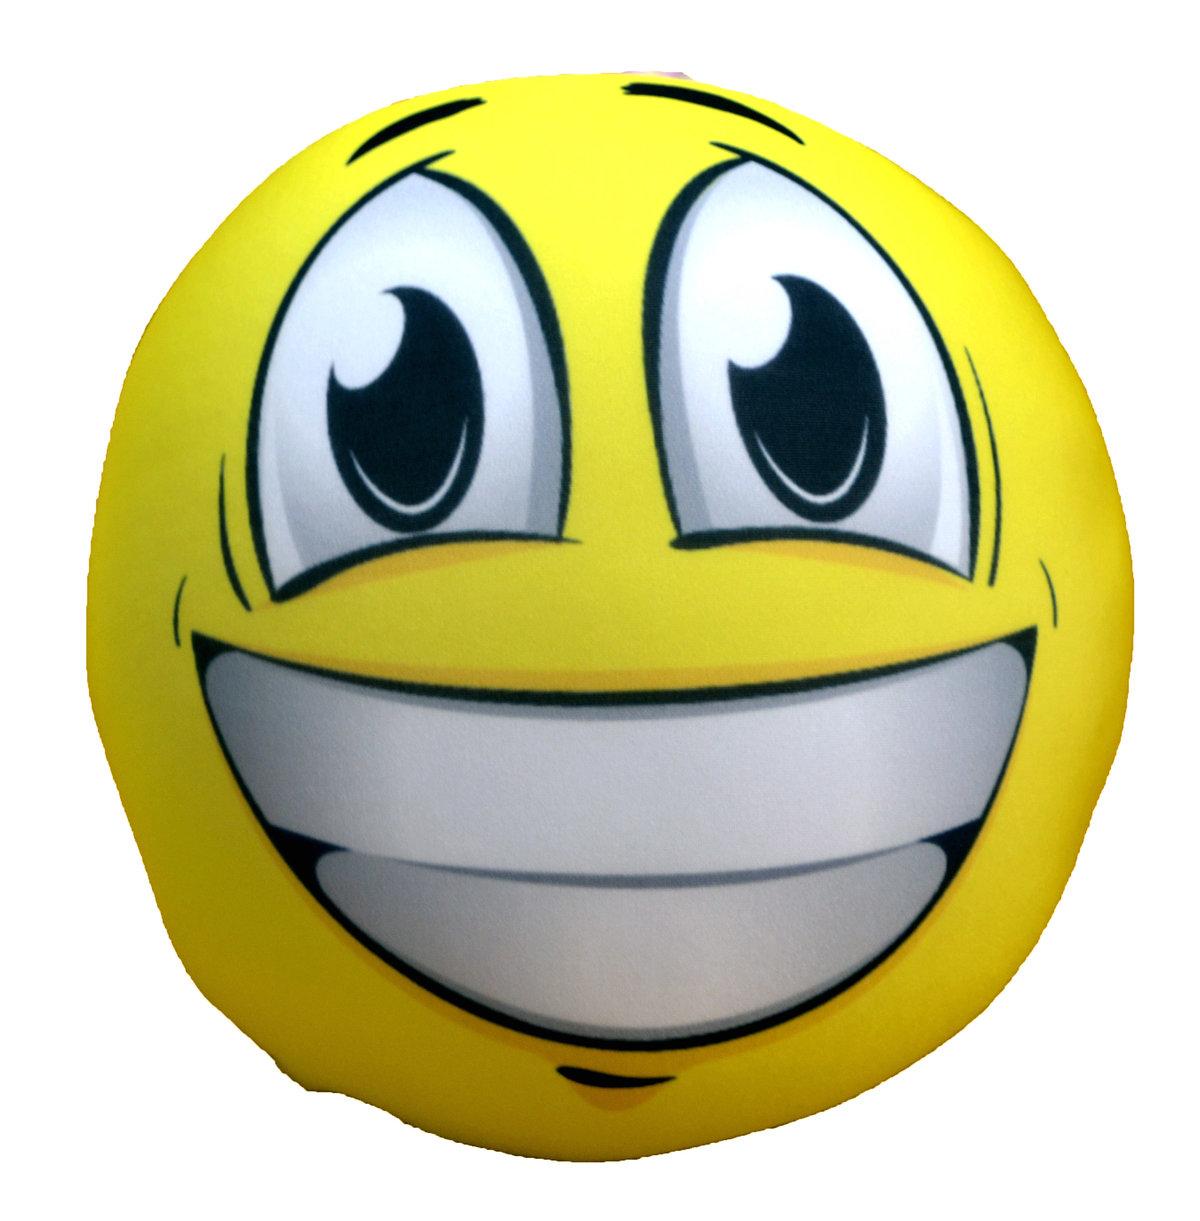 Картинка смайлики смешные с улыбкой, днем рождения пашенька